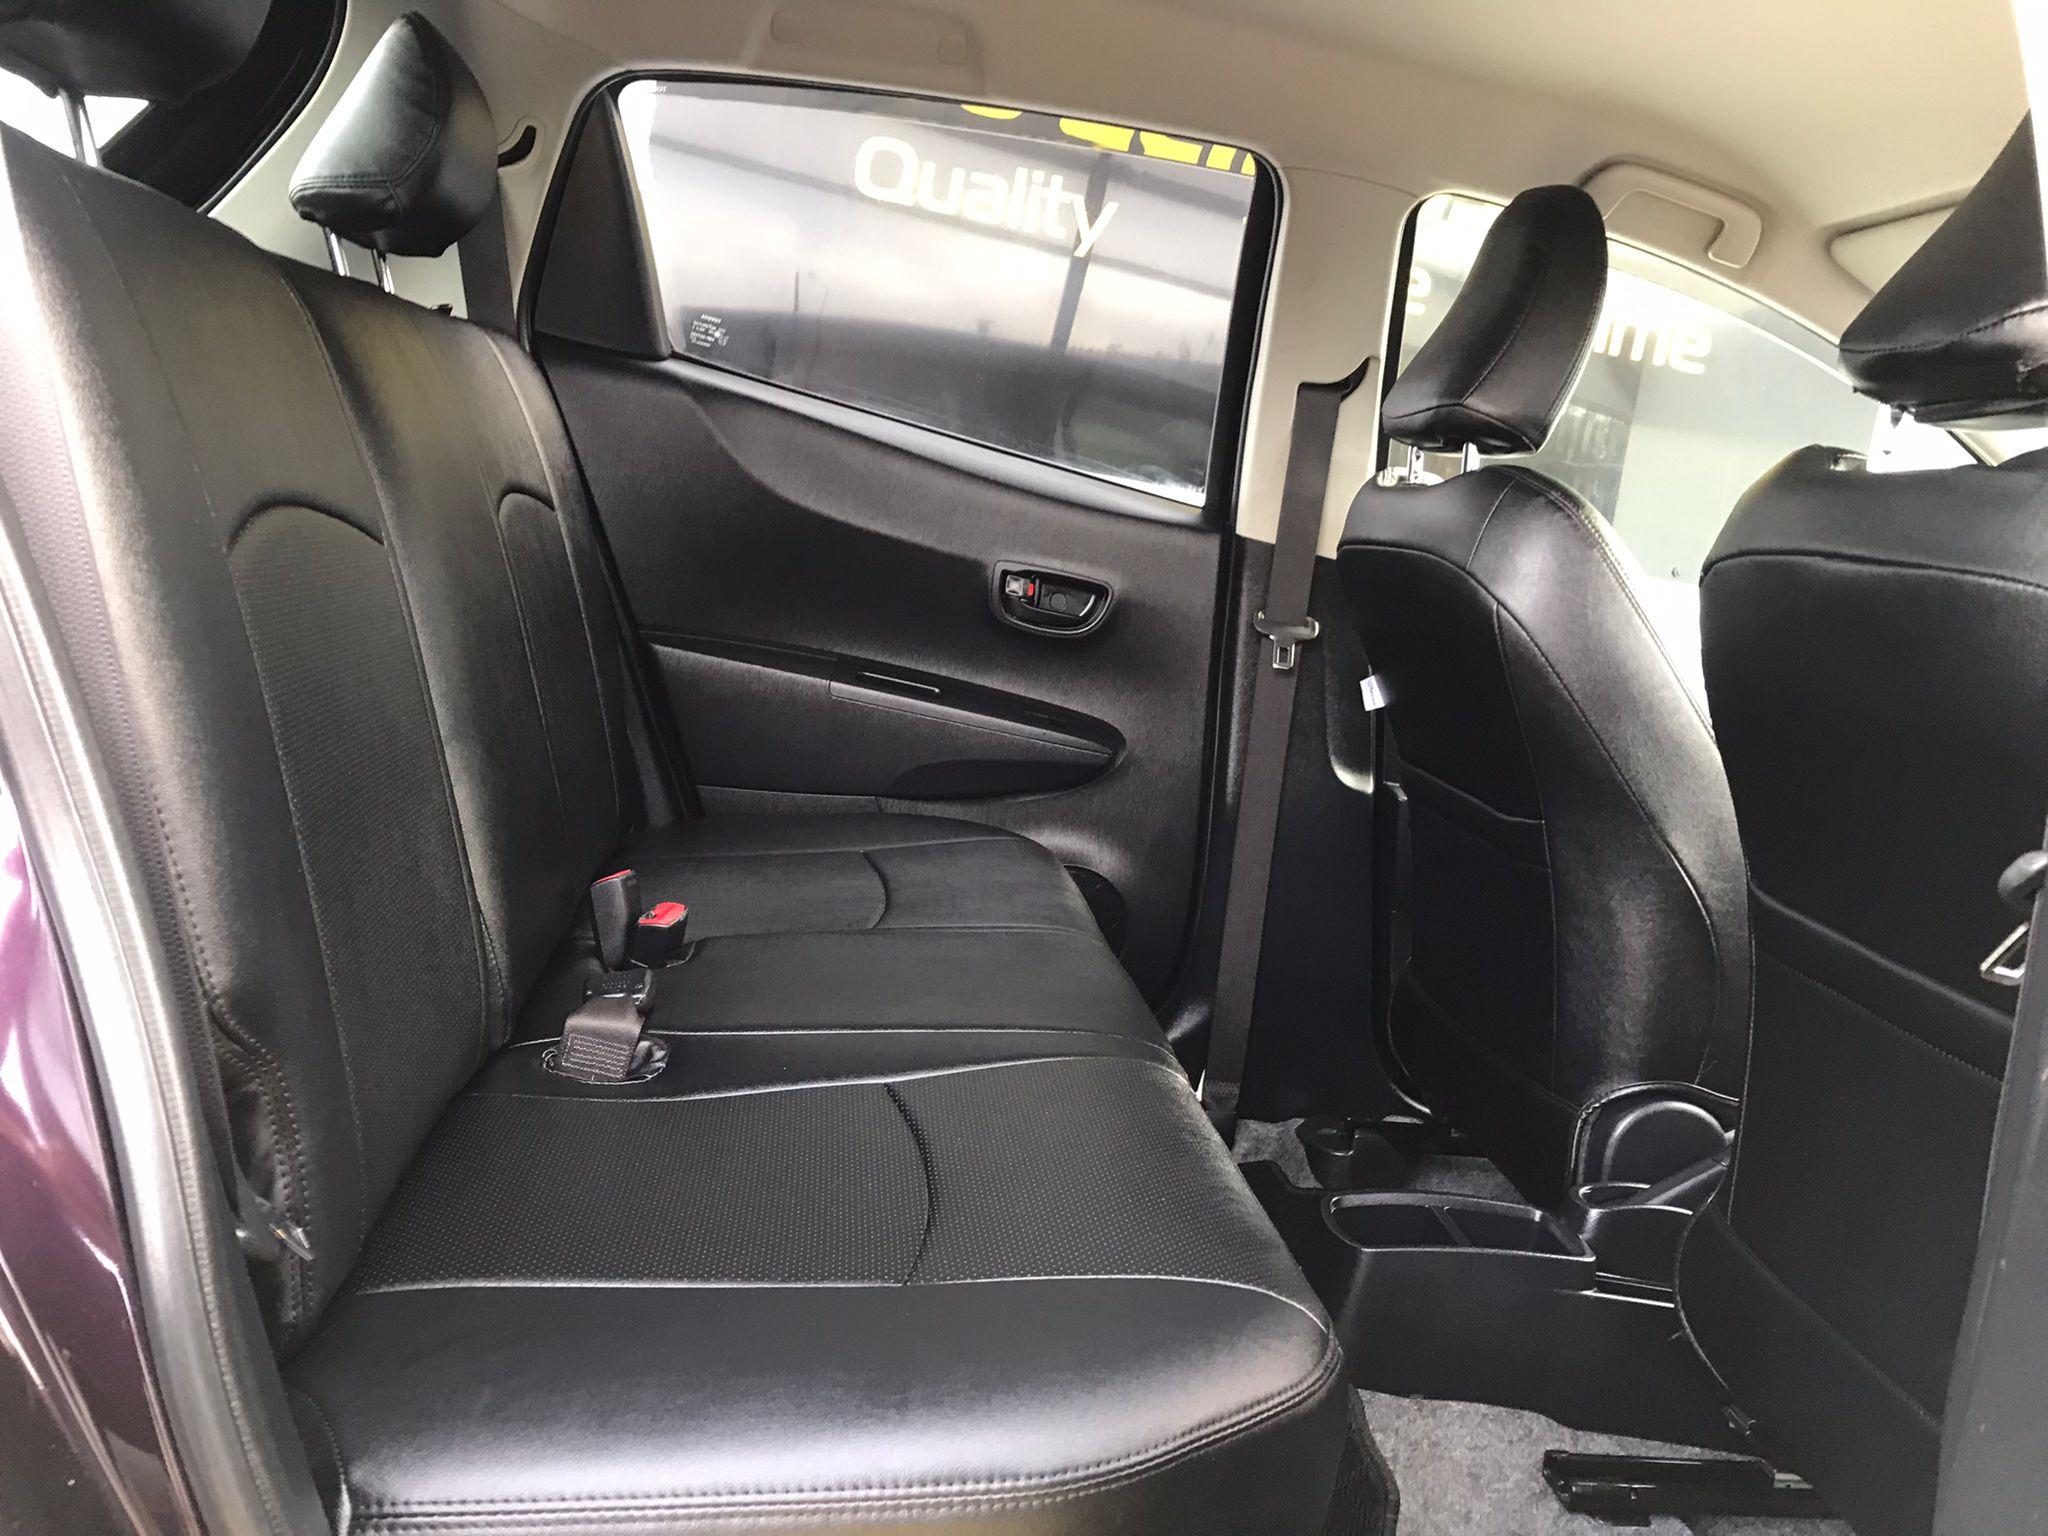 Toyota Yaris/Vitz 4X4 2013 1.3